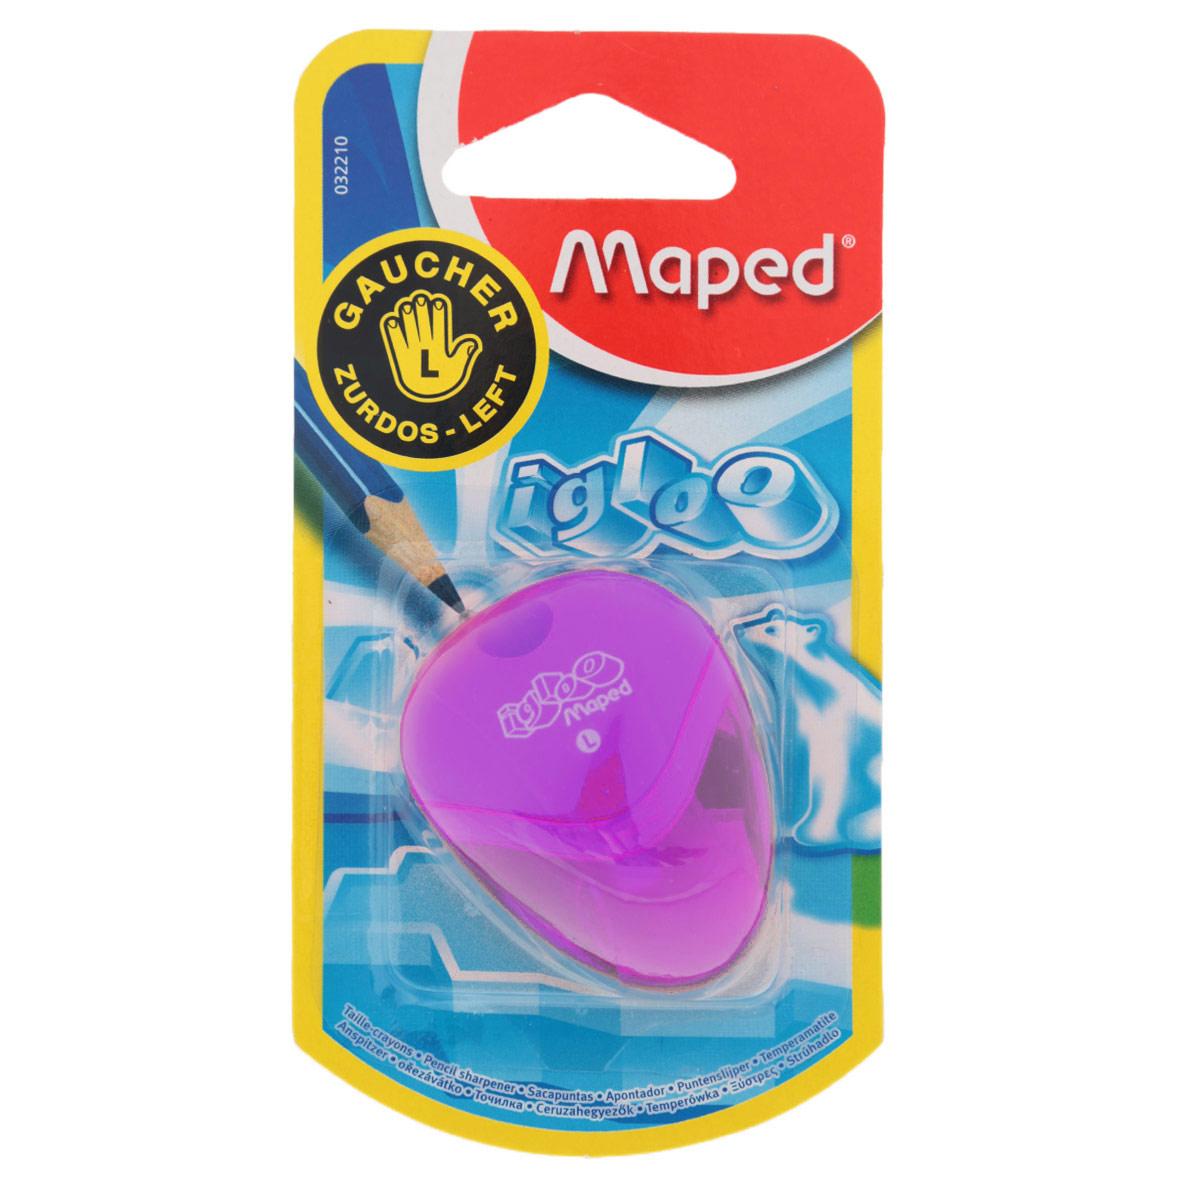 Точилка Maped Igloo, для левшей, цвет: фиолетовый32210_фиолетовыйТочилка Igloo для левшей с одним отверстием выполнена из ударопрочного пластика. Полупрозрачный контейнер для сбора стружки позволяет визуально контролировать уровень заполнения и вовремя производить очистку. Подходит как для школы, так и для офиса.Рекомендовано детям старше трех лет.